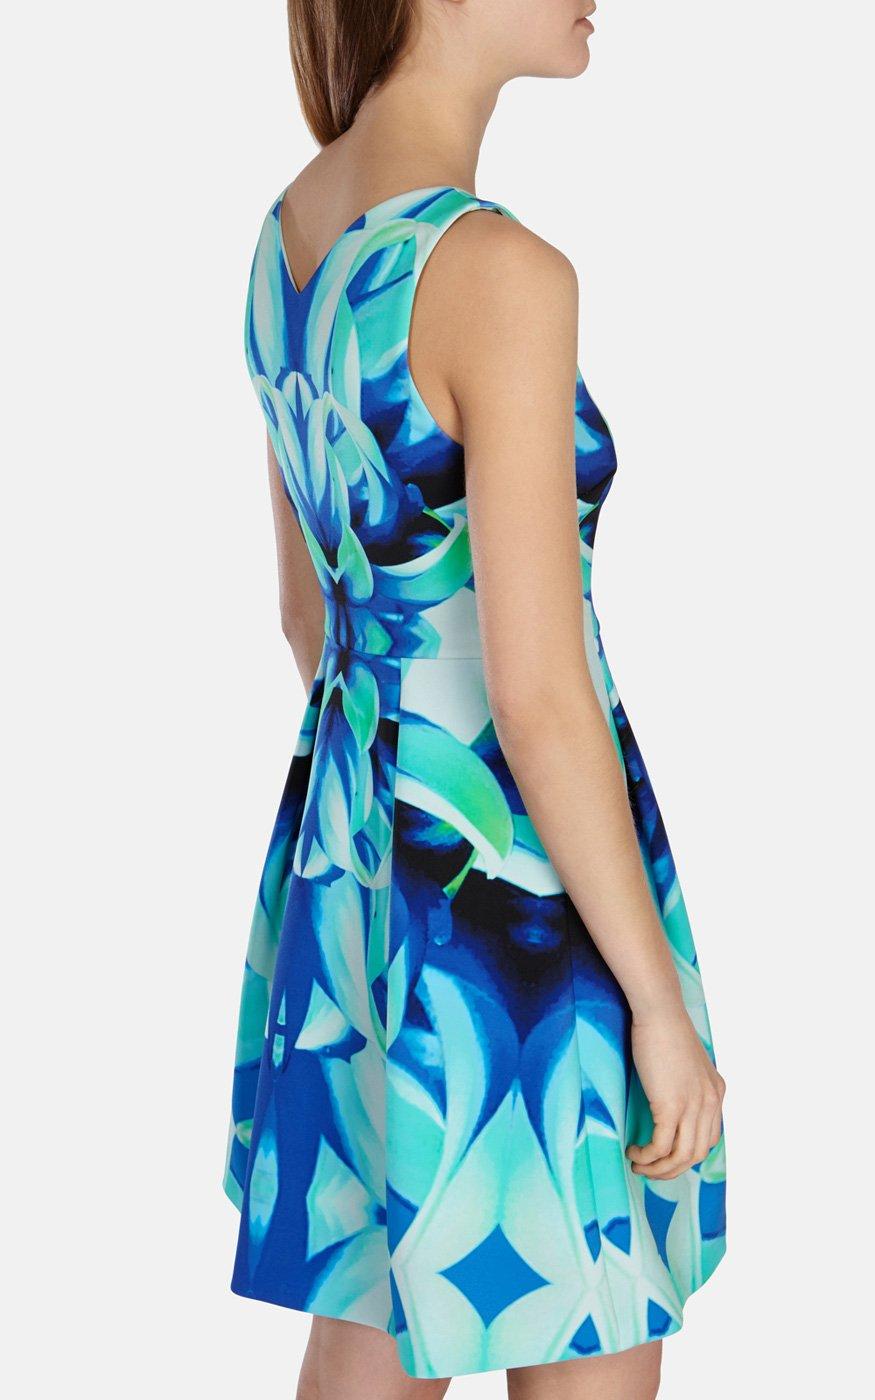 Lyst - Karen Millen Bold Floral Print Sculpted Jersey Dress in Blue